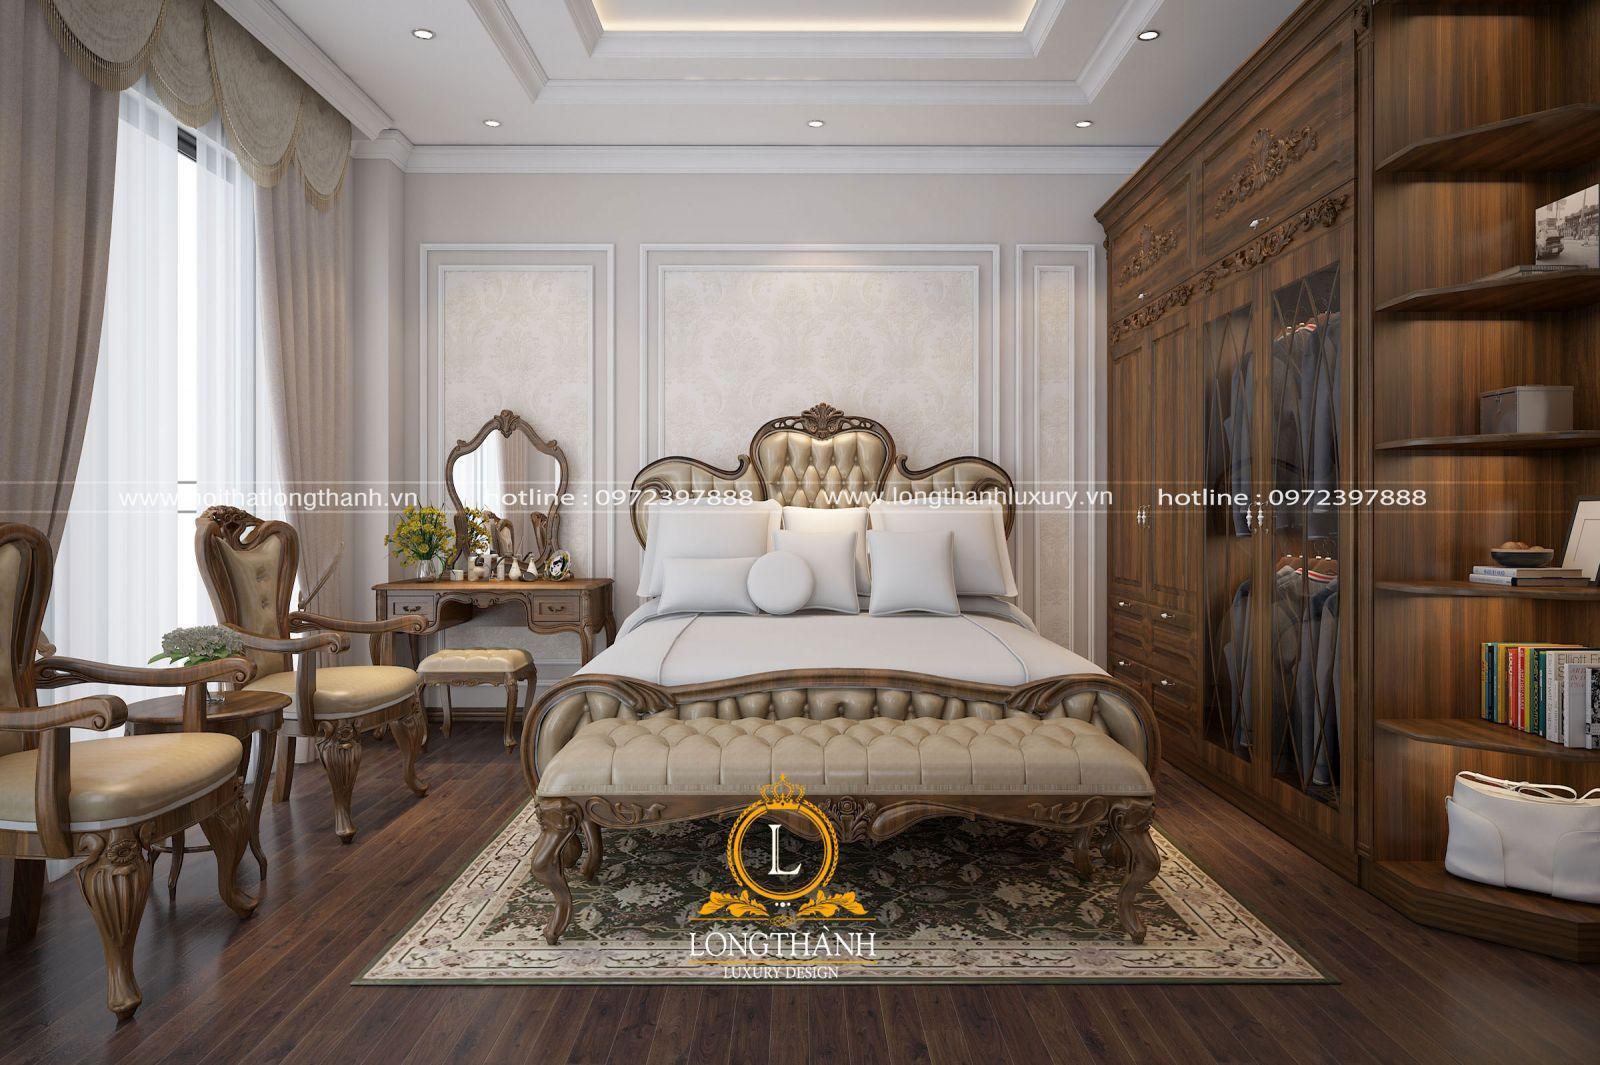 Phòng ngủ cao cấp với bộ giường tủ sang trọng